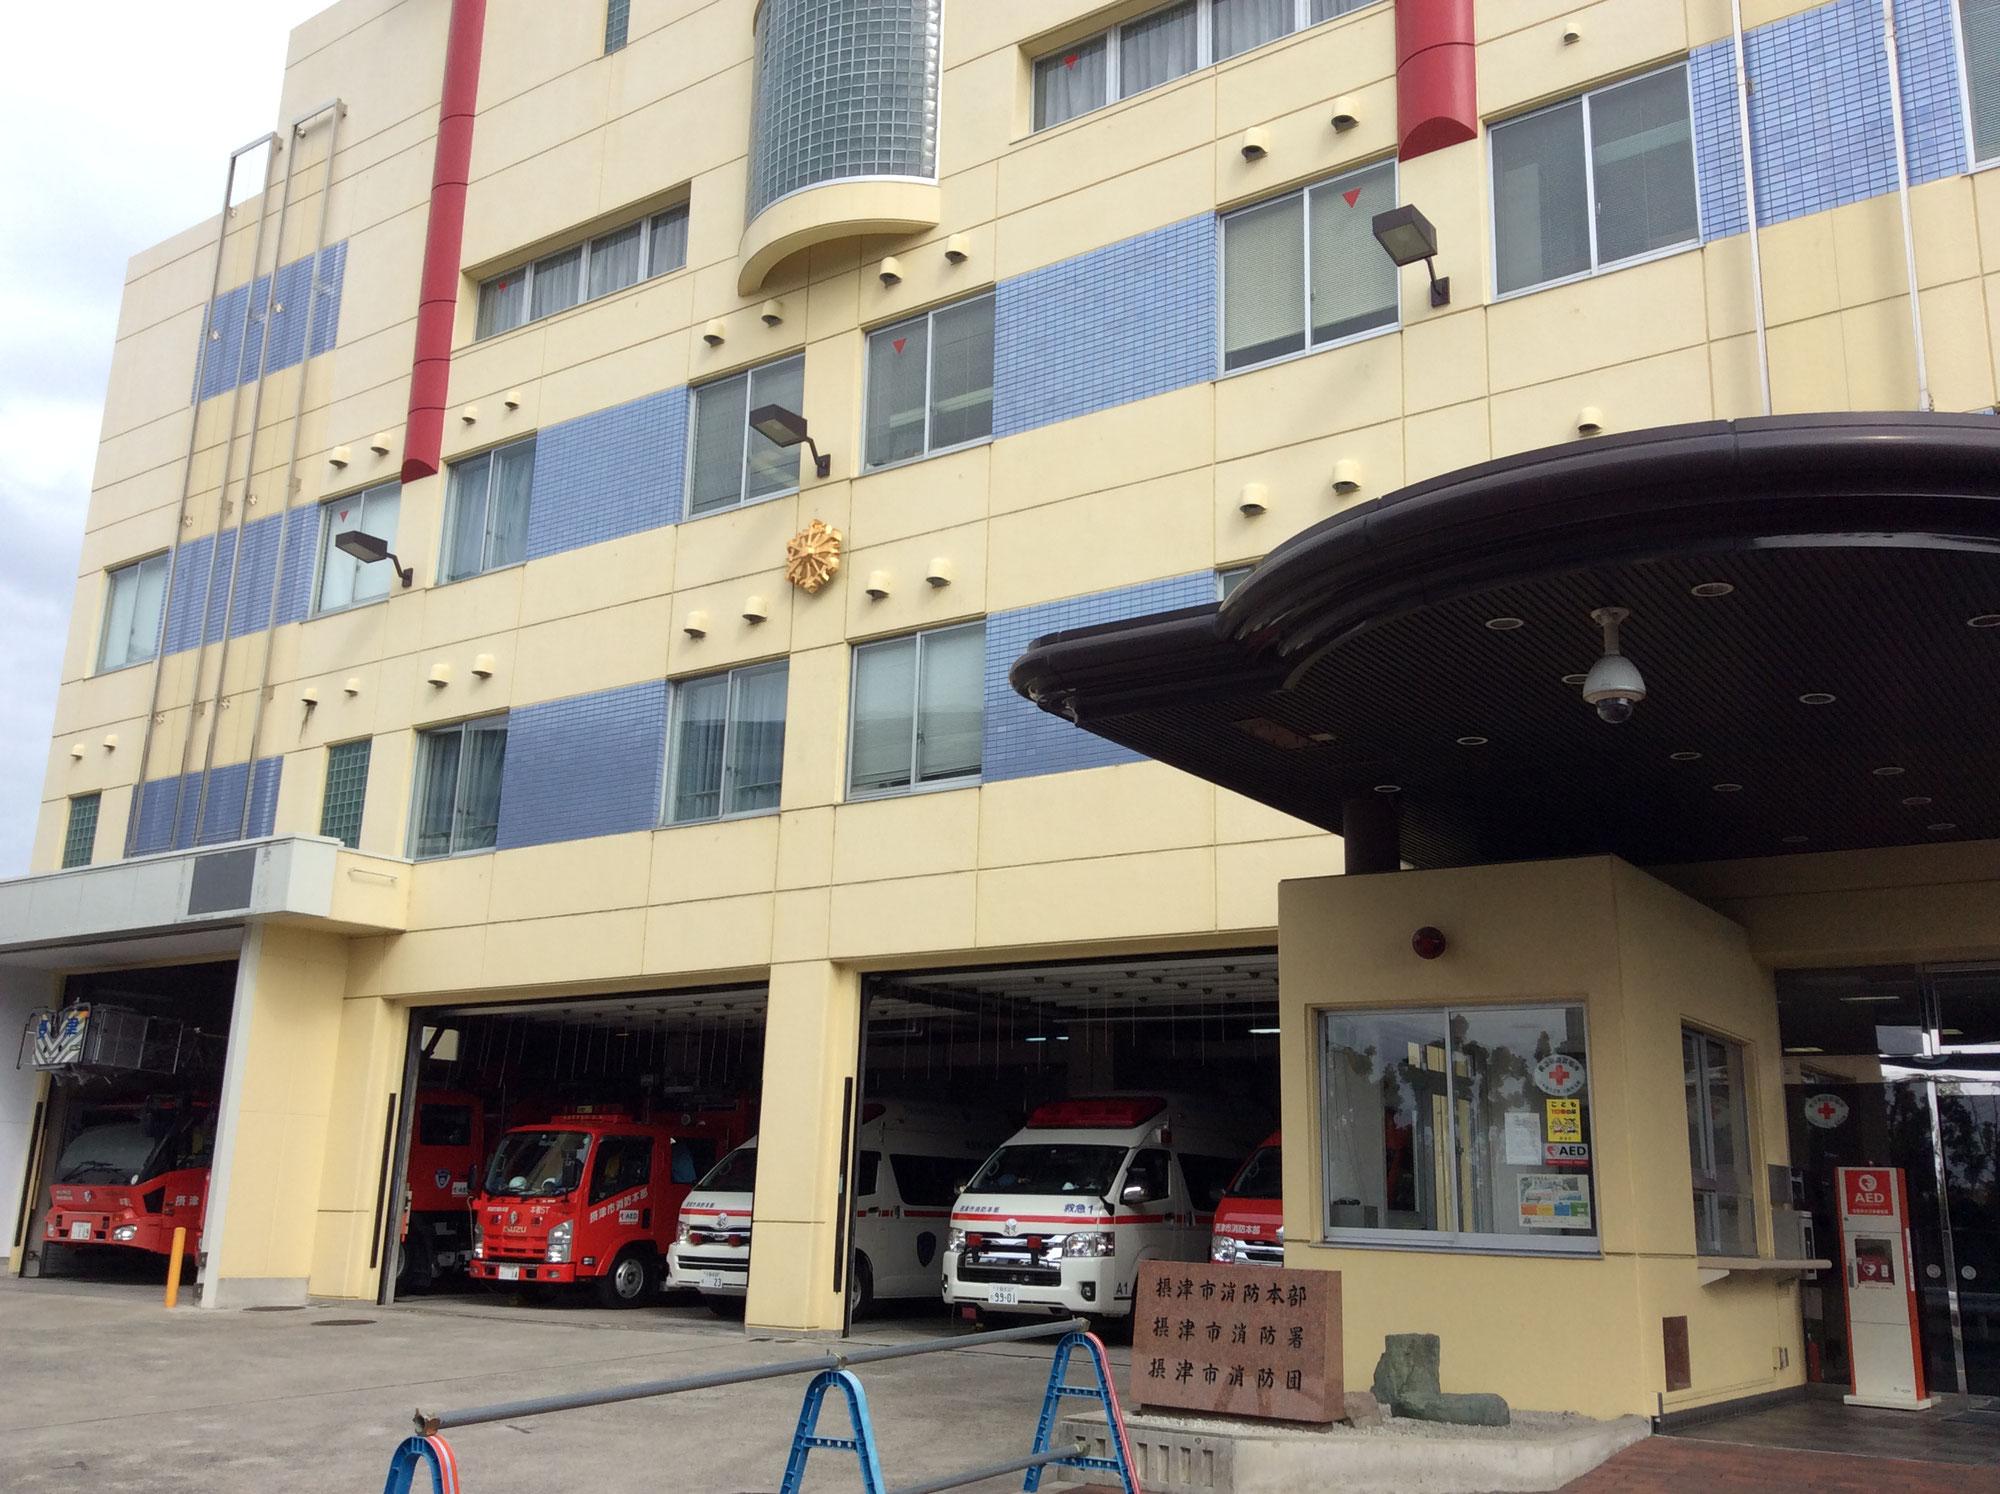 摂津市における消防力整備の方向性について